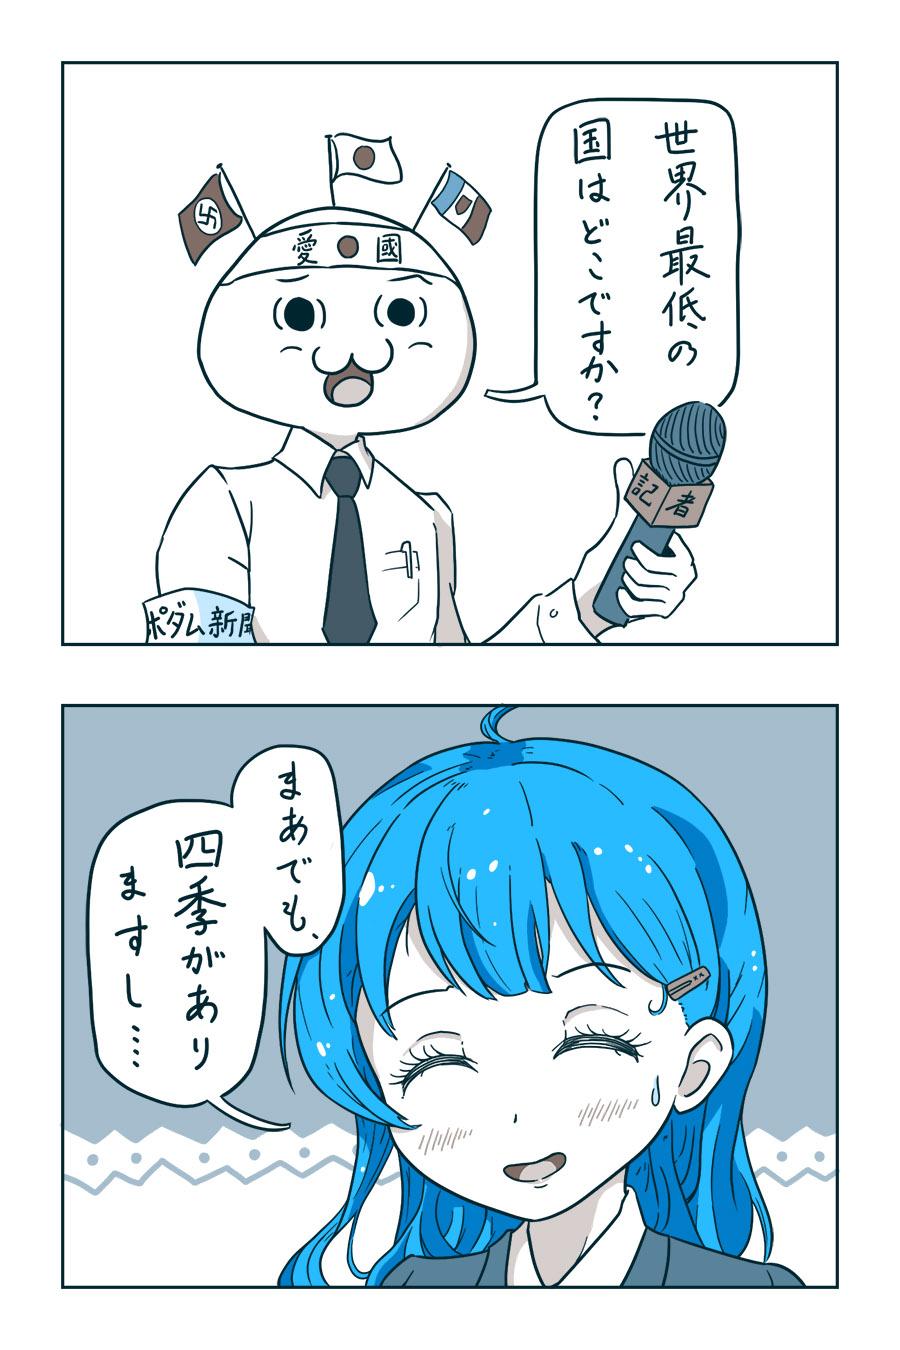 ギャラリー - 色盲絵師まとめ Wiki*